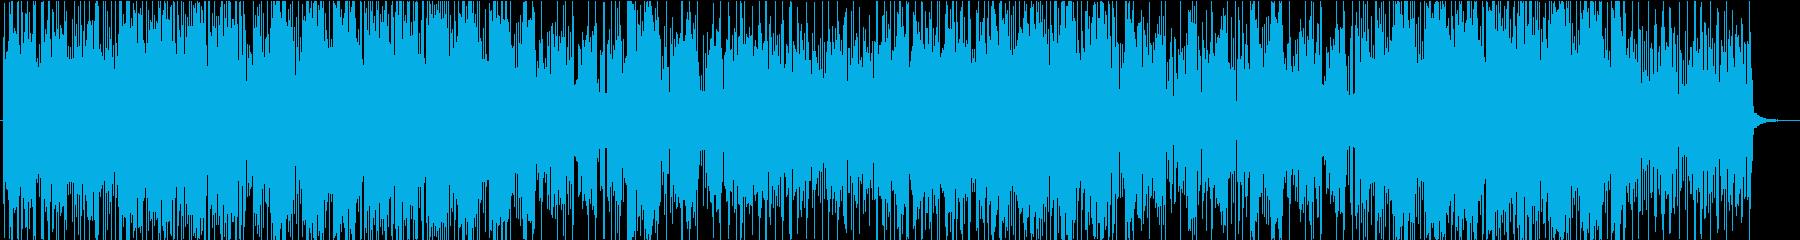 ミステリアスな雰囲気の怪しいシンセ曲の再生済みの波形